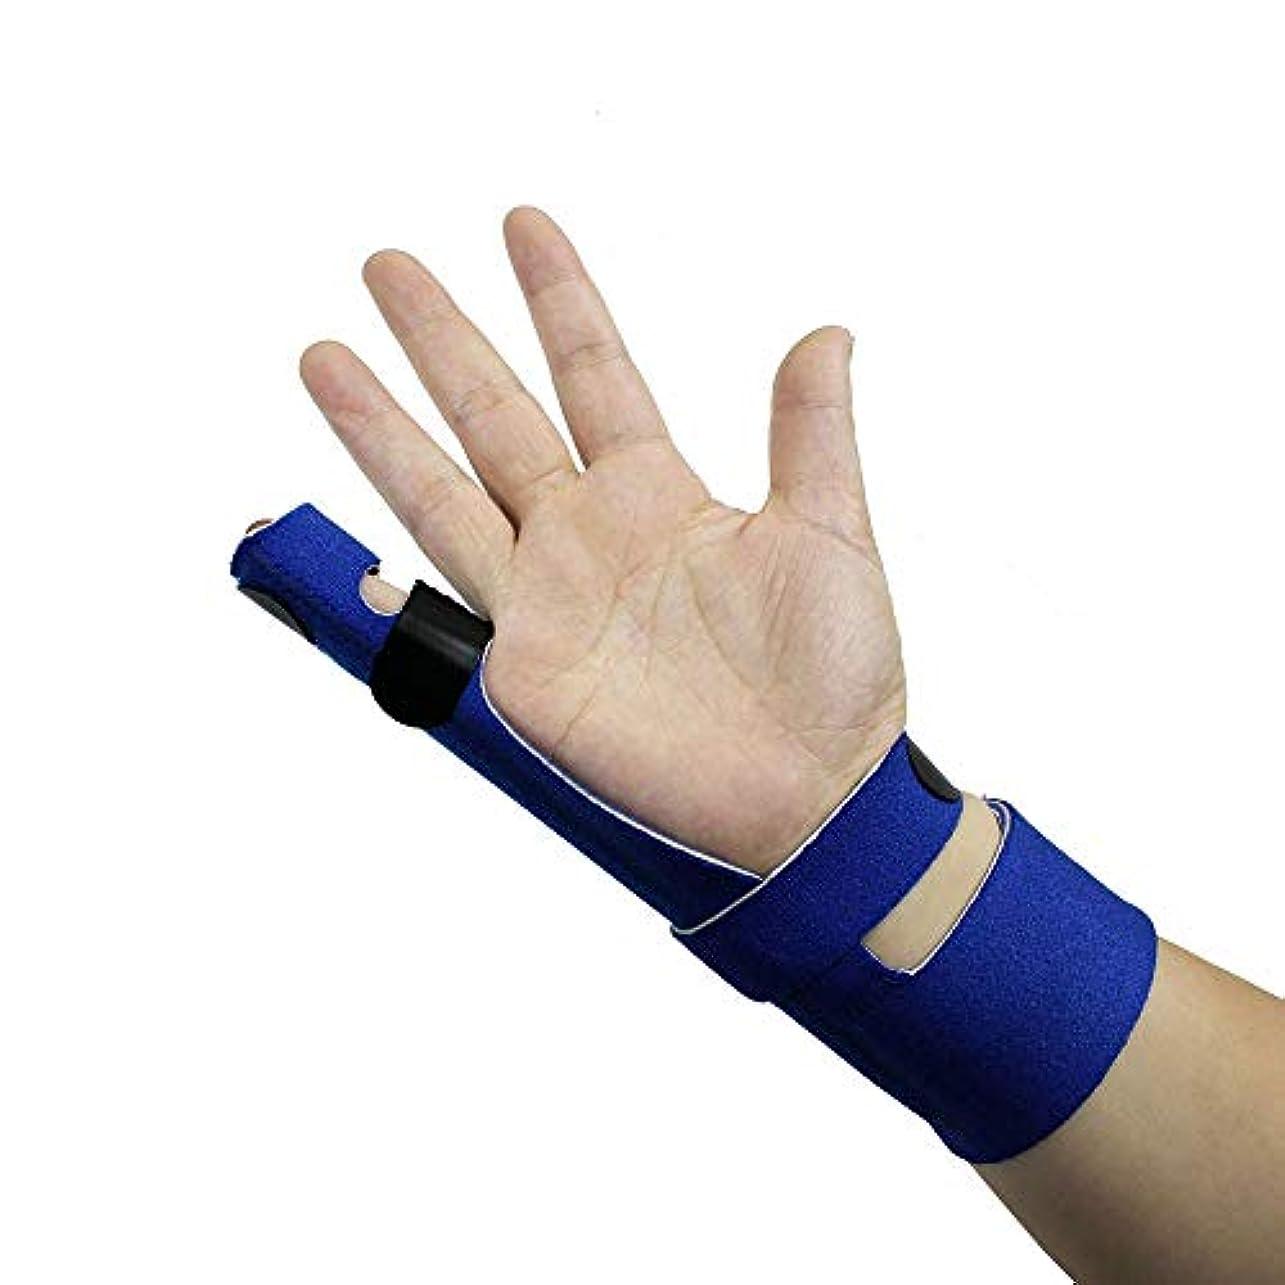 代替パックシンカンフィンガーエクステンションスプリント、腱炎の痛みの軽減、トリガーフィンガー、マレットフィンガー、関節炎フィンガースプリントの指の骨折または骨折